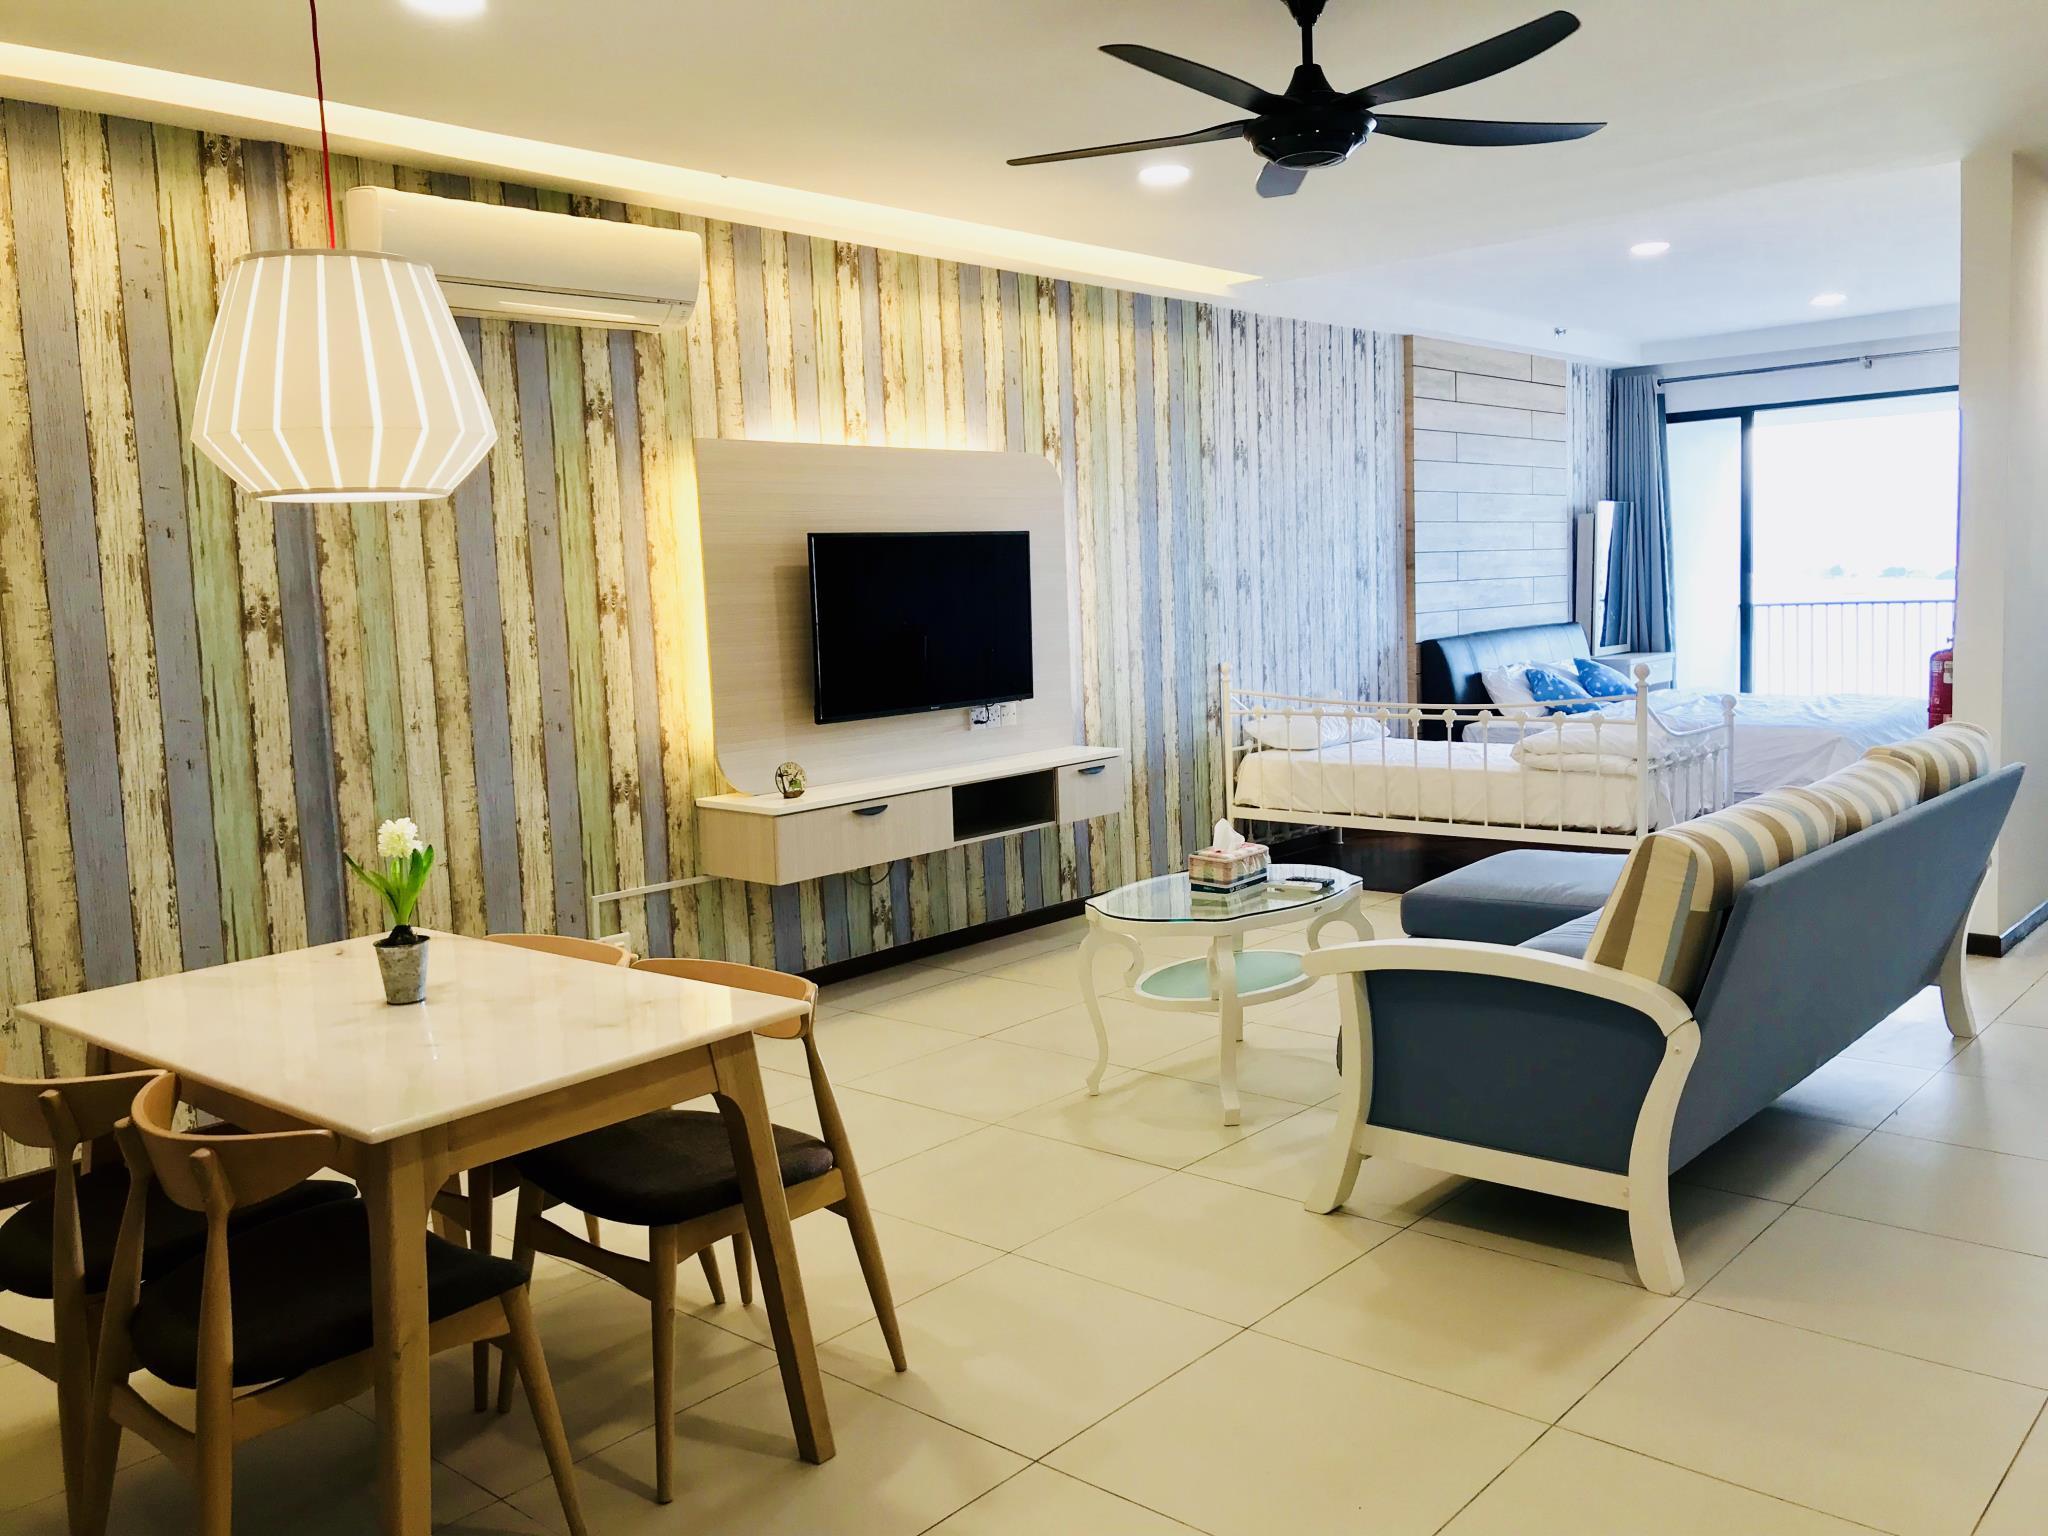 Little Cabin Seaview Luxury Studio